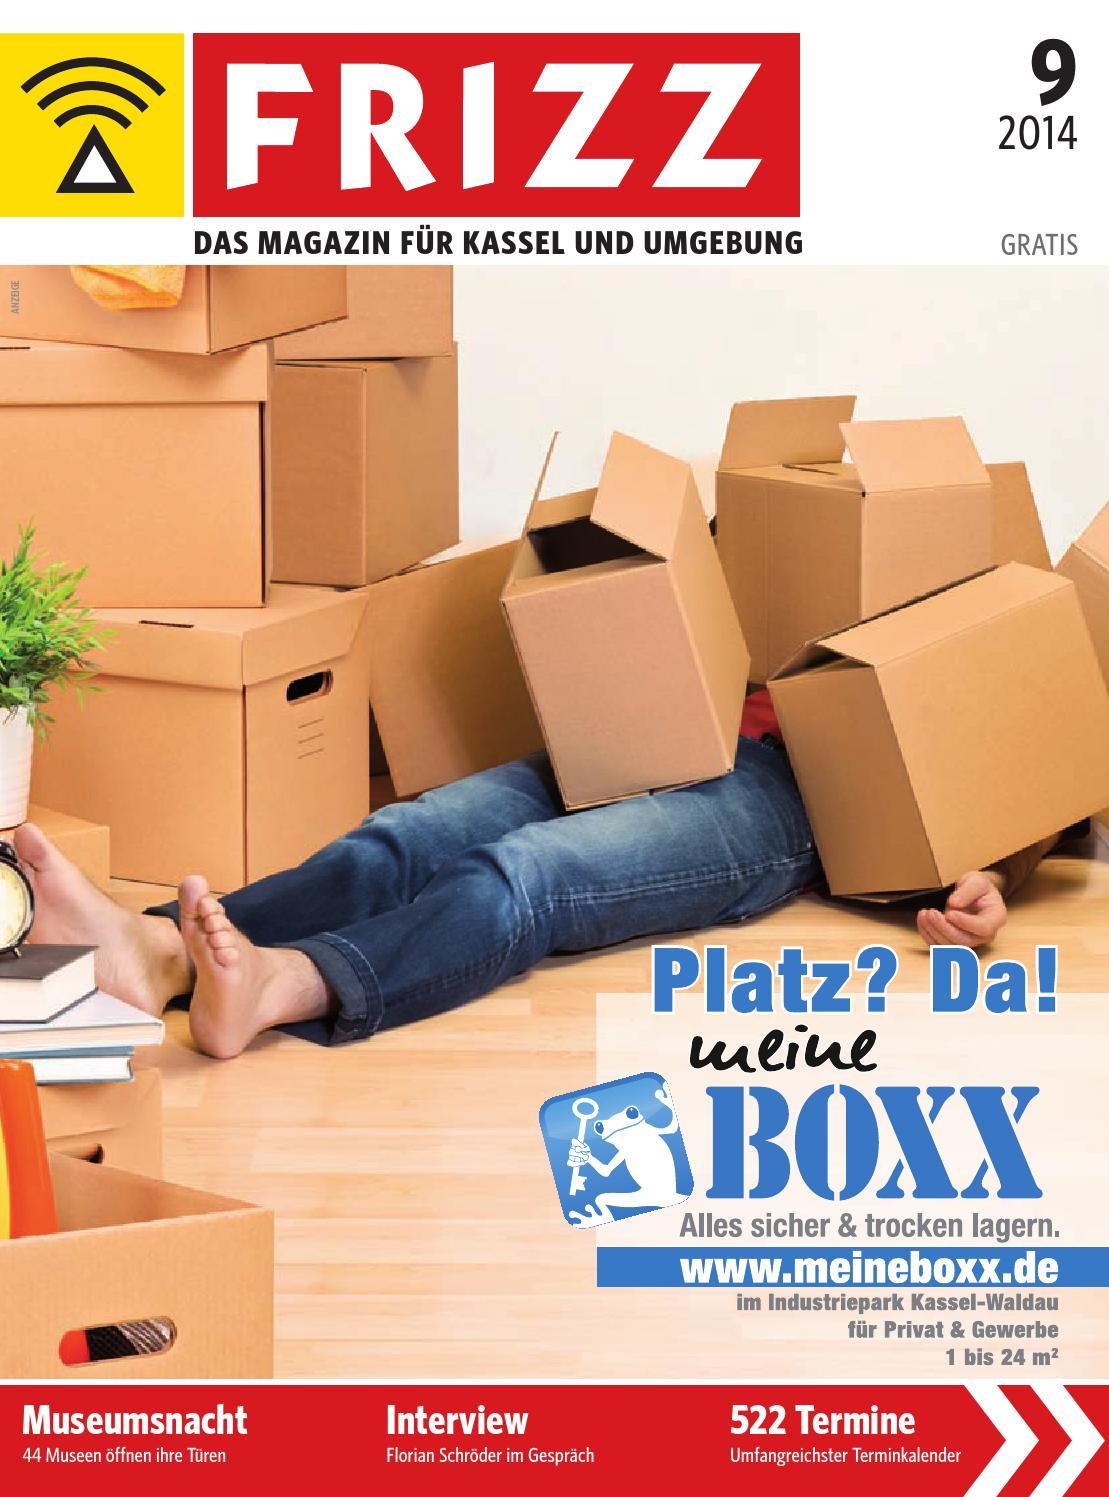 FRIZZ Das Magazin Kassel September 2014 by frizz kassel - issuu